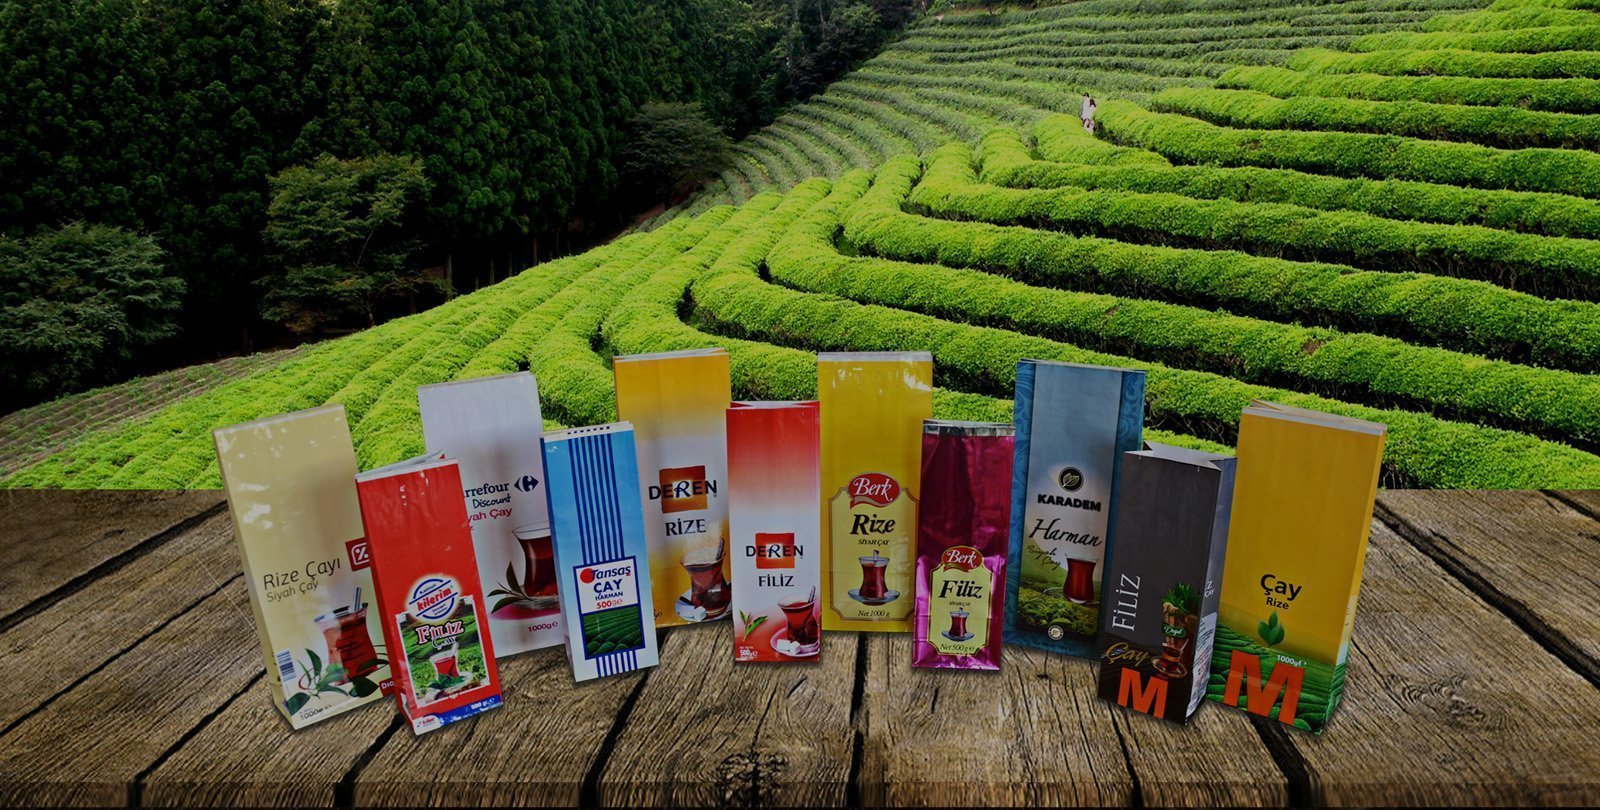 çay paketleri büyük boy